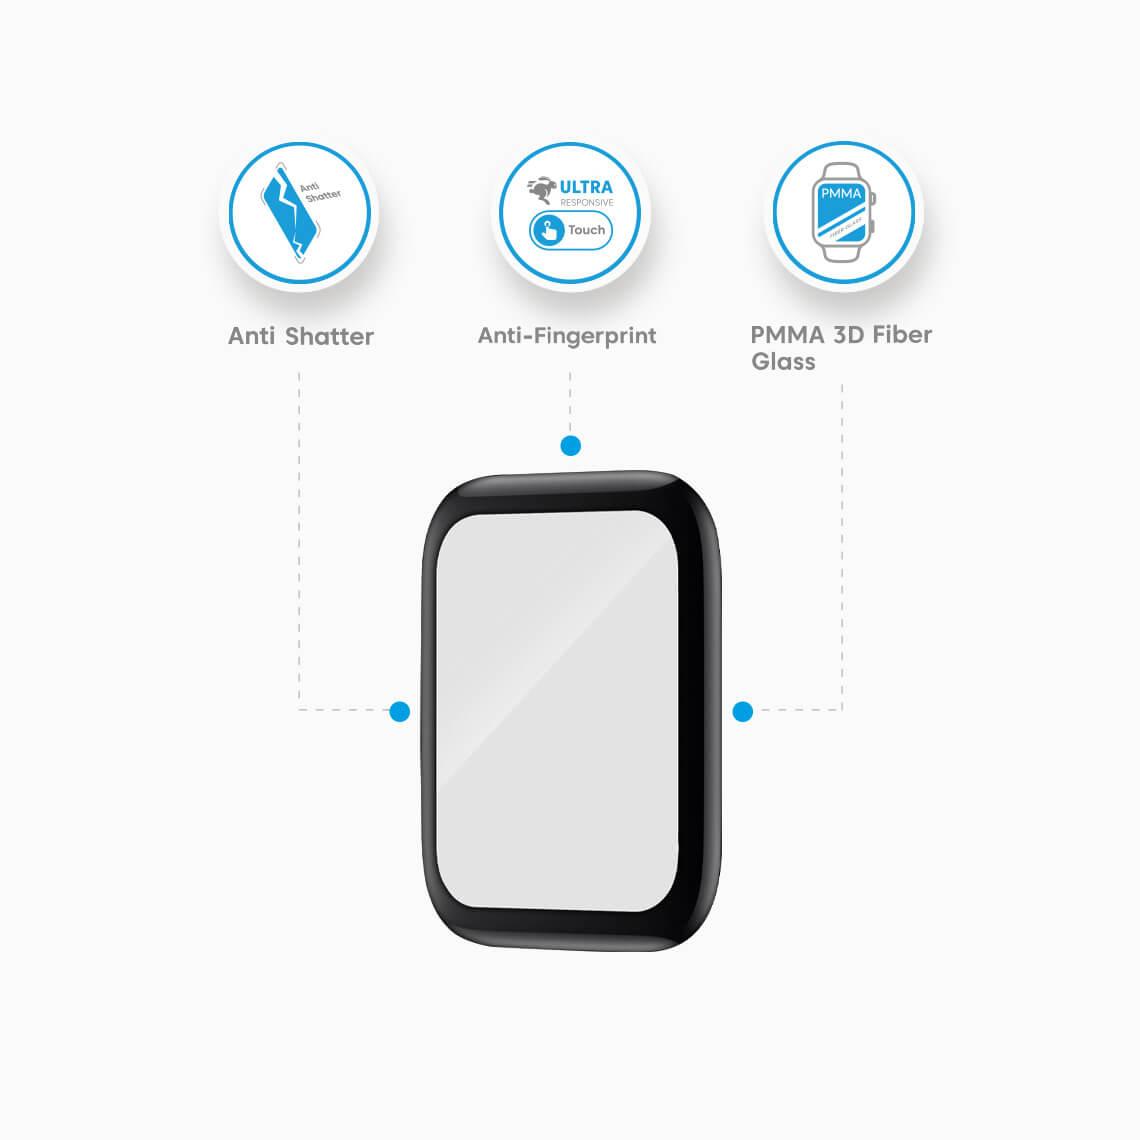 محافظ صفحه نمایش اپل واچ 44 میلیمتری 3D بلینکس مدل Lumino